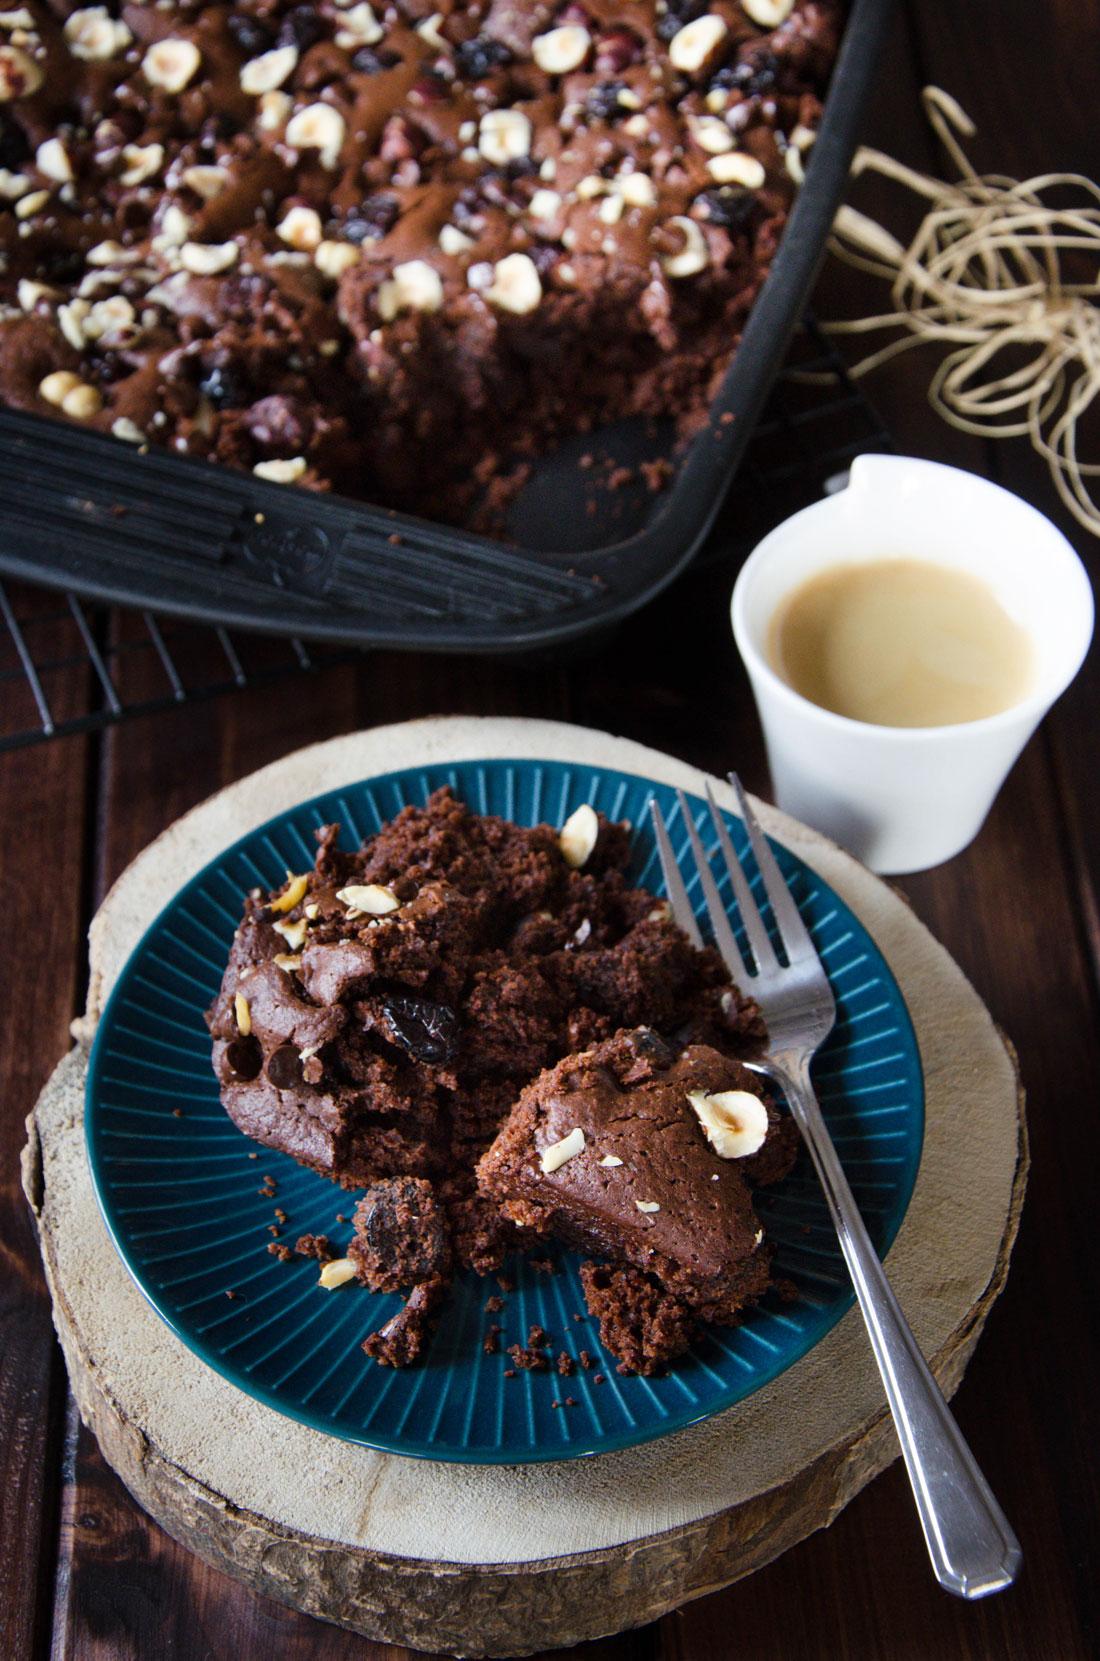 Brownie chocolat cranberries noisettes fait maison